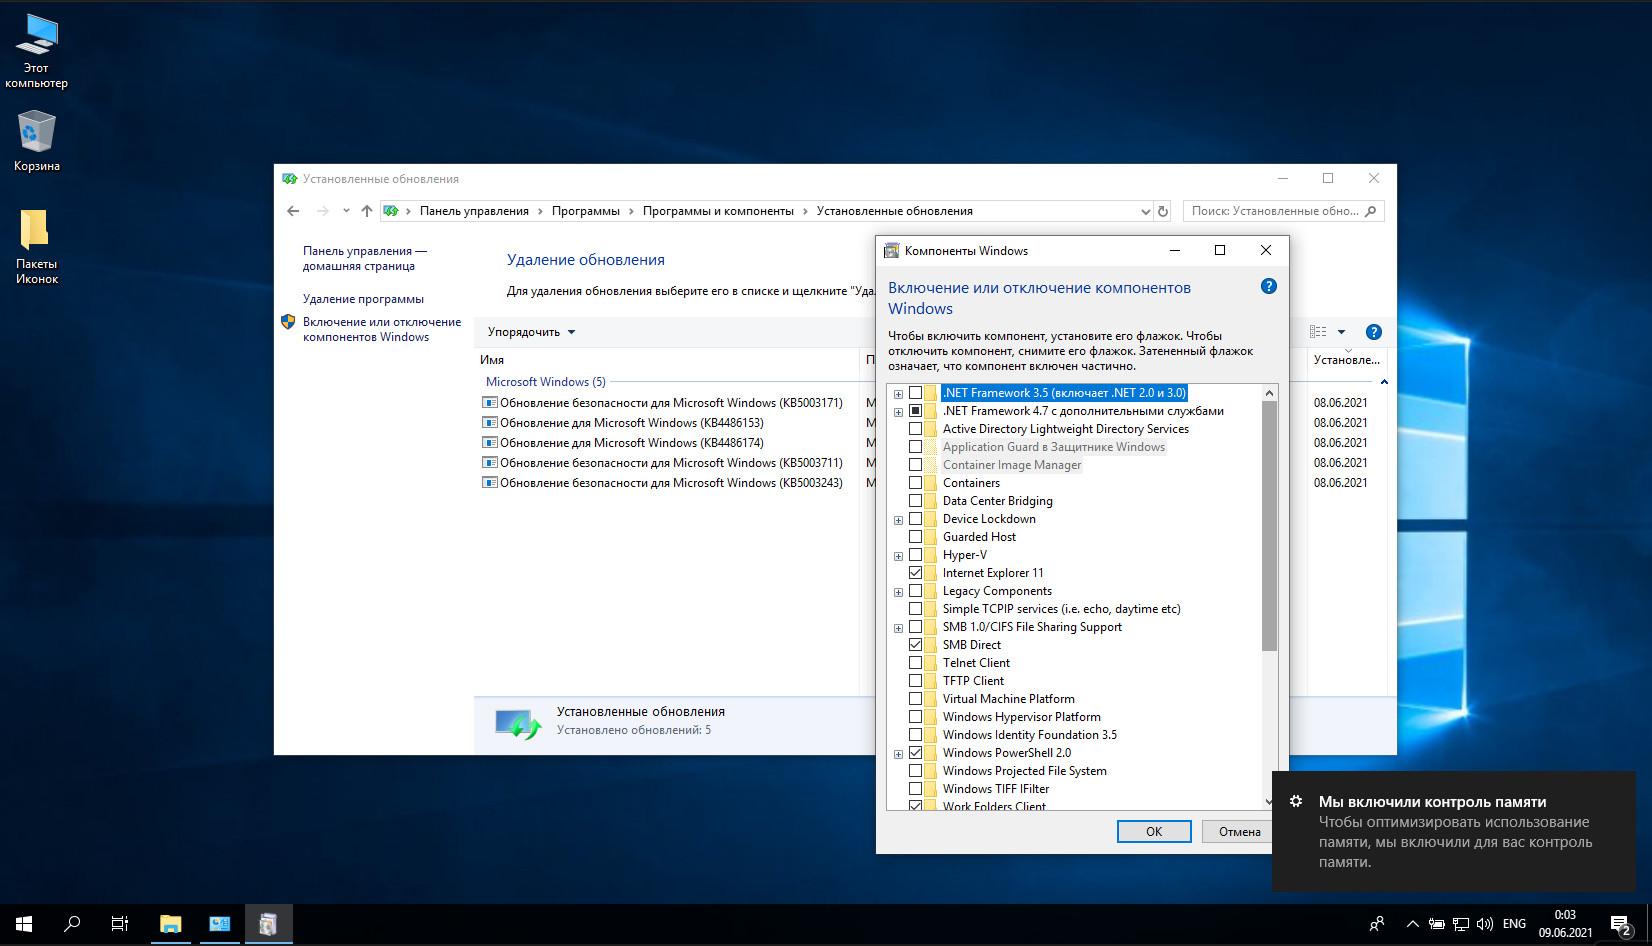 Windows 10 Enterprise Ltsc 17763.1935 x64 (09.06.2021) by ArtZak1